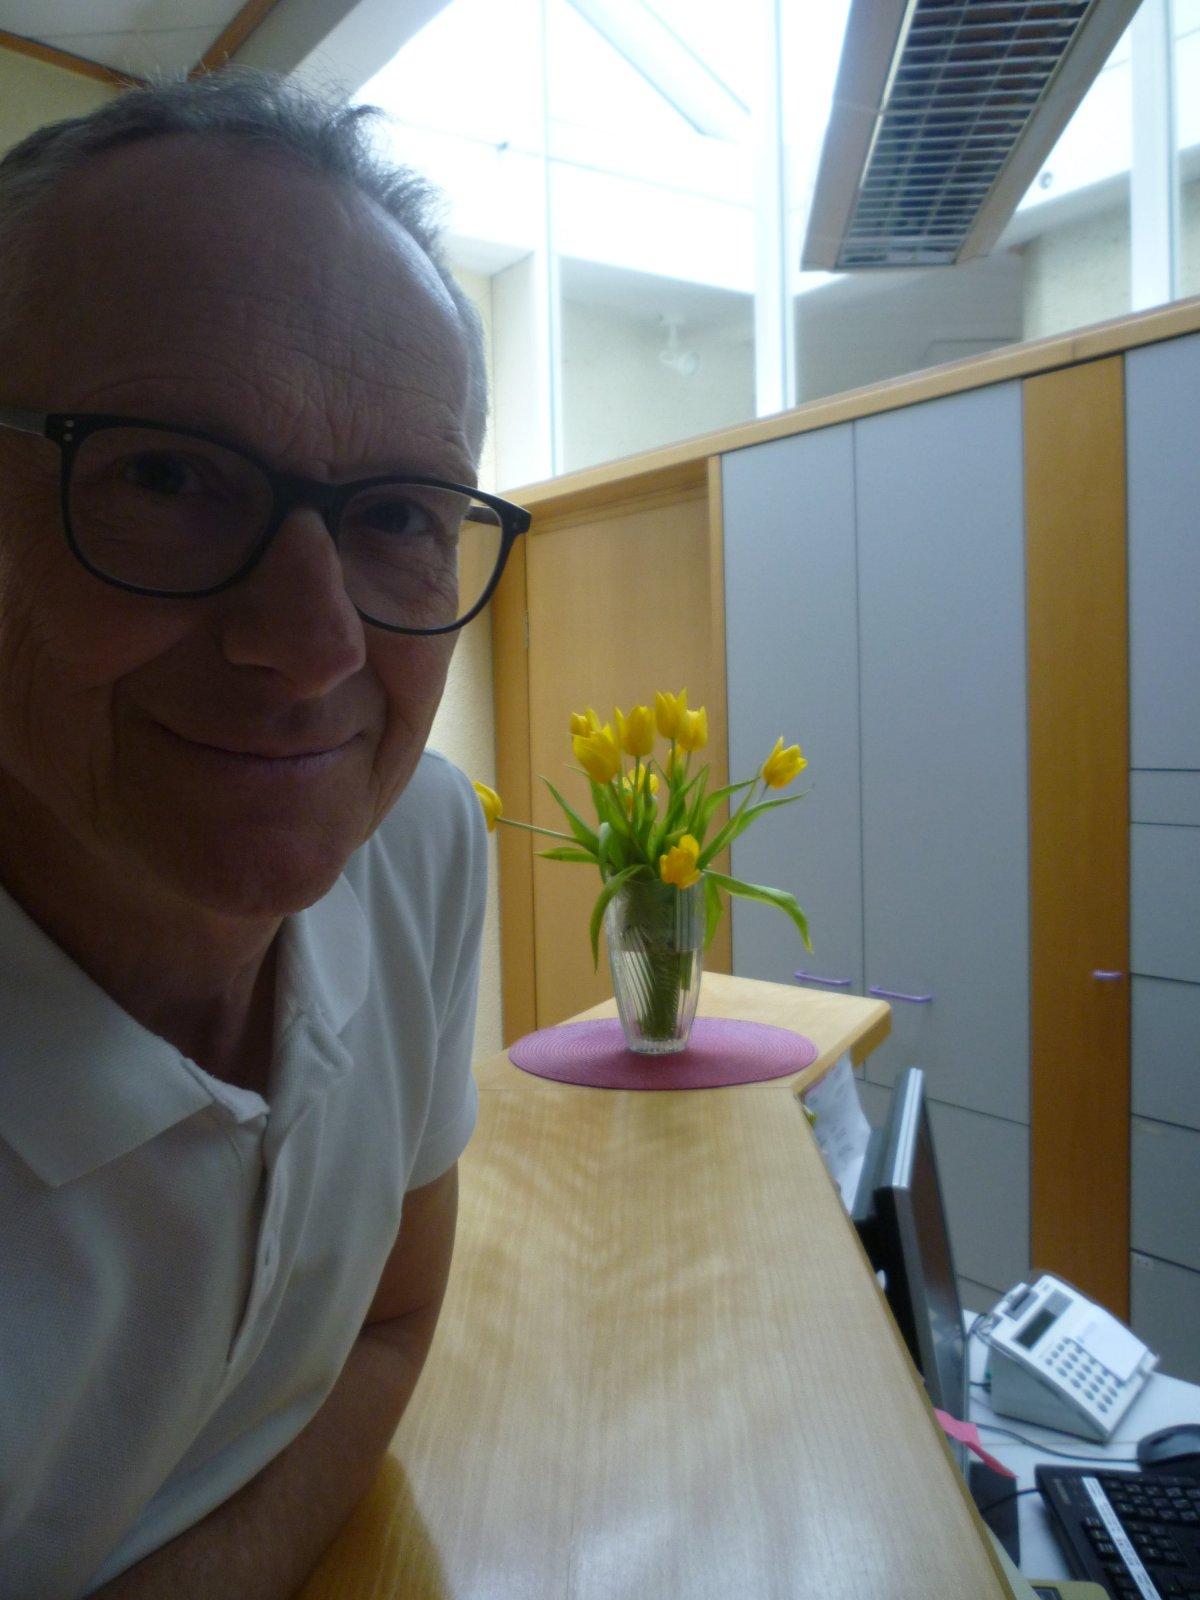 Auf dem Foto lehnt Dr. Thomas Werner aus Bad Königshofen lehnt an einer Theke. Im Hintergrund ist ein Blumenstrauß und ein Schrank zu sehen. Dr. Werner hat kurze Haare und trägt eine schwarze eckige Brille und ein weißes Polo T-Shirt.